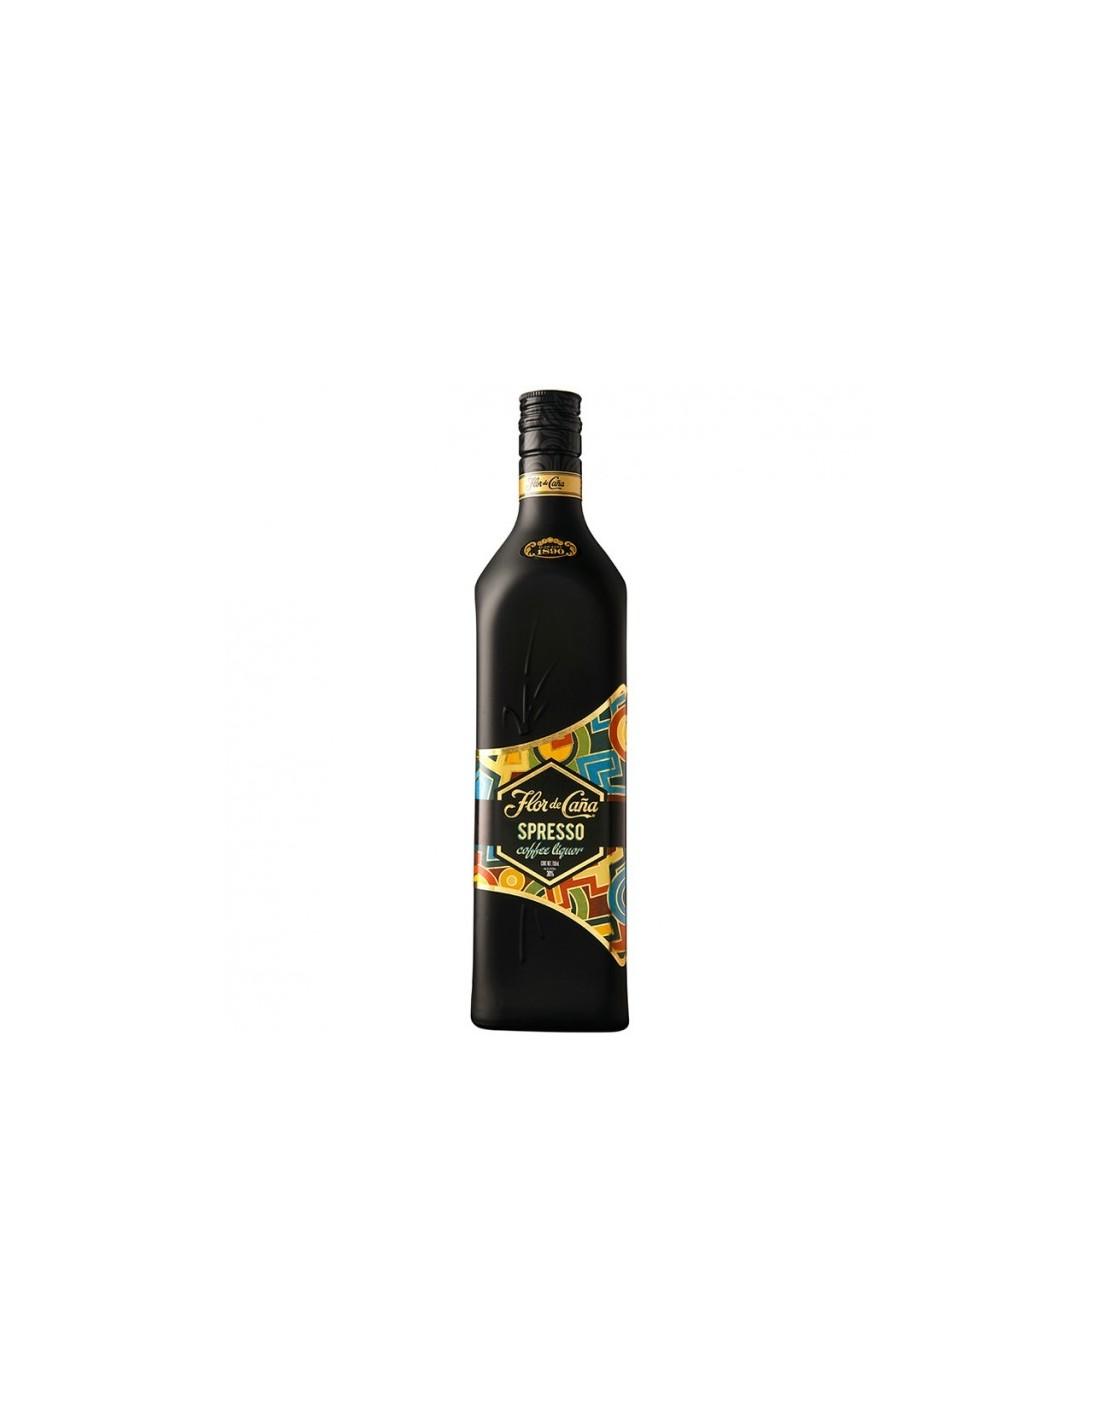 Rom negru Flor De Cana Spresso, 0.7L